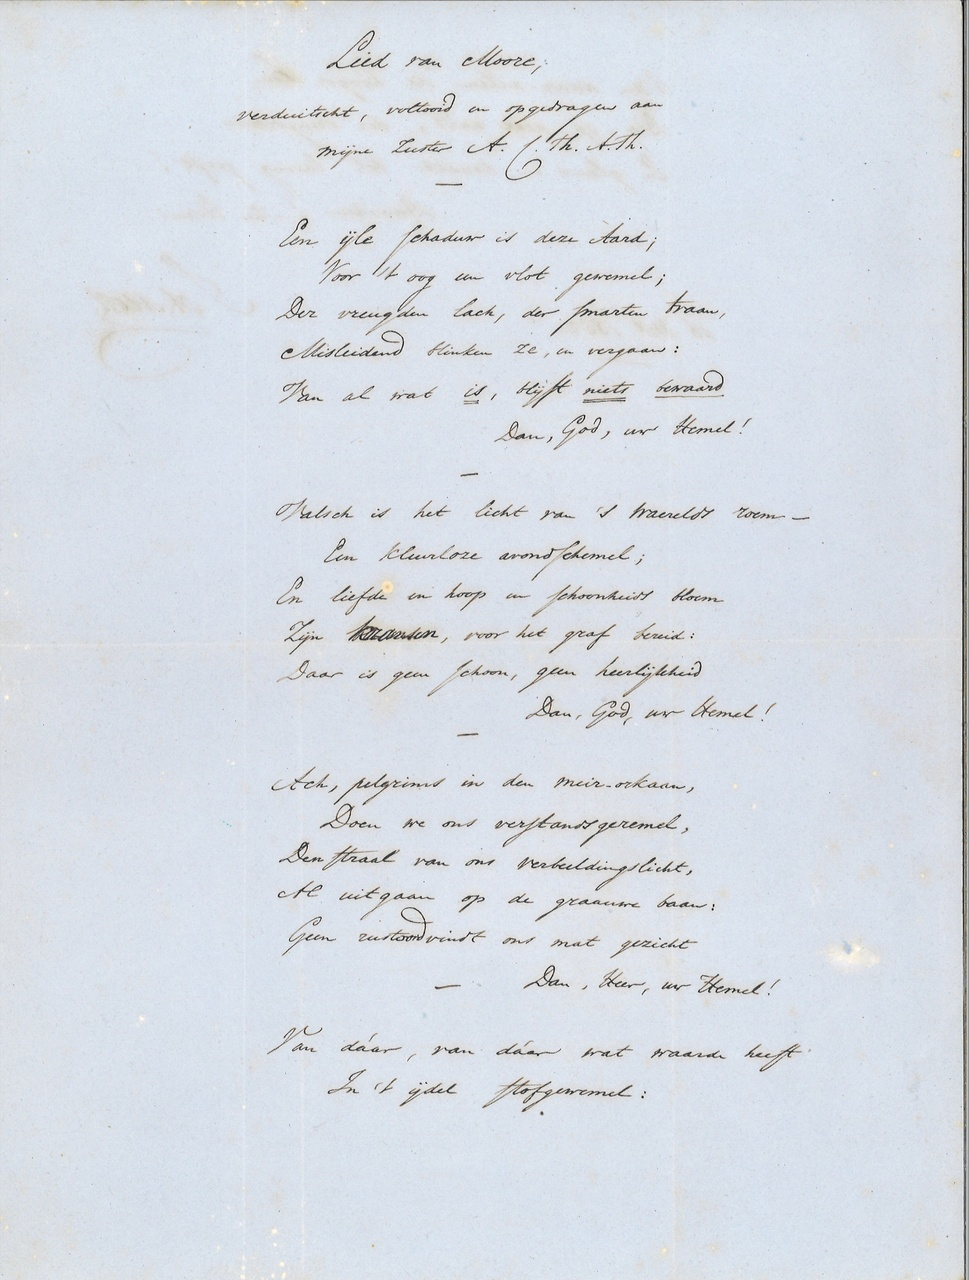 Lied van Moore